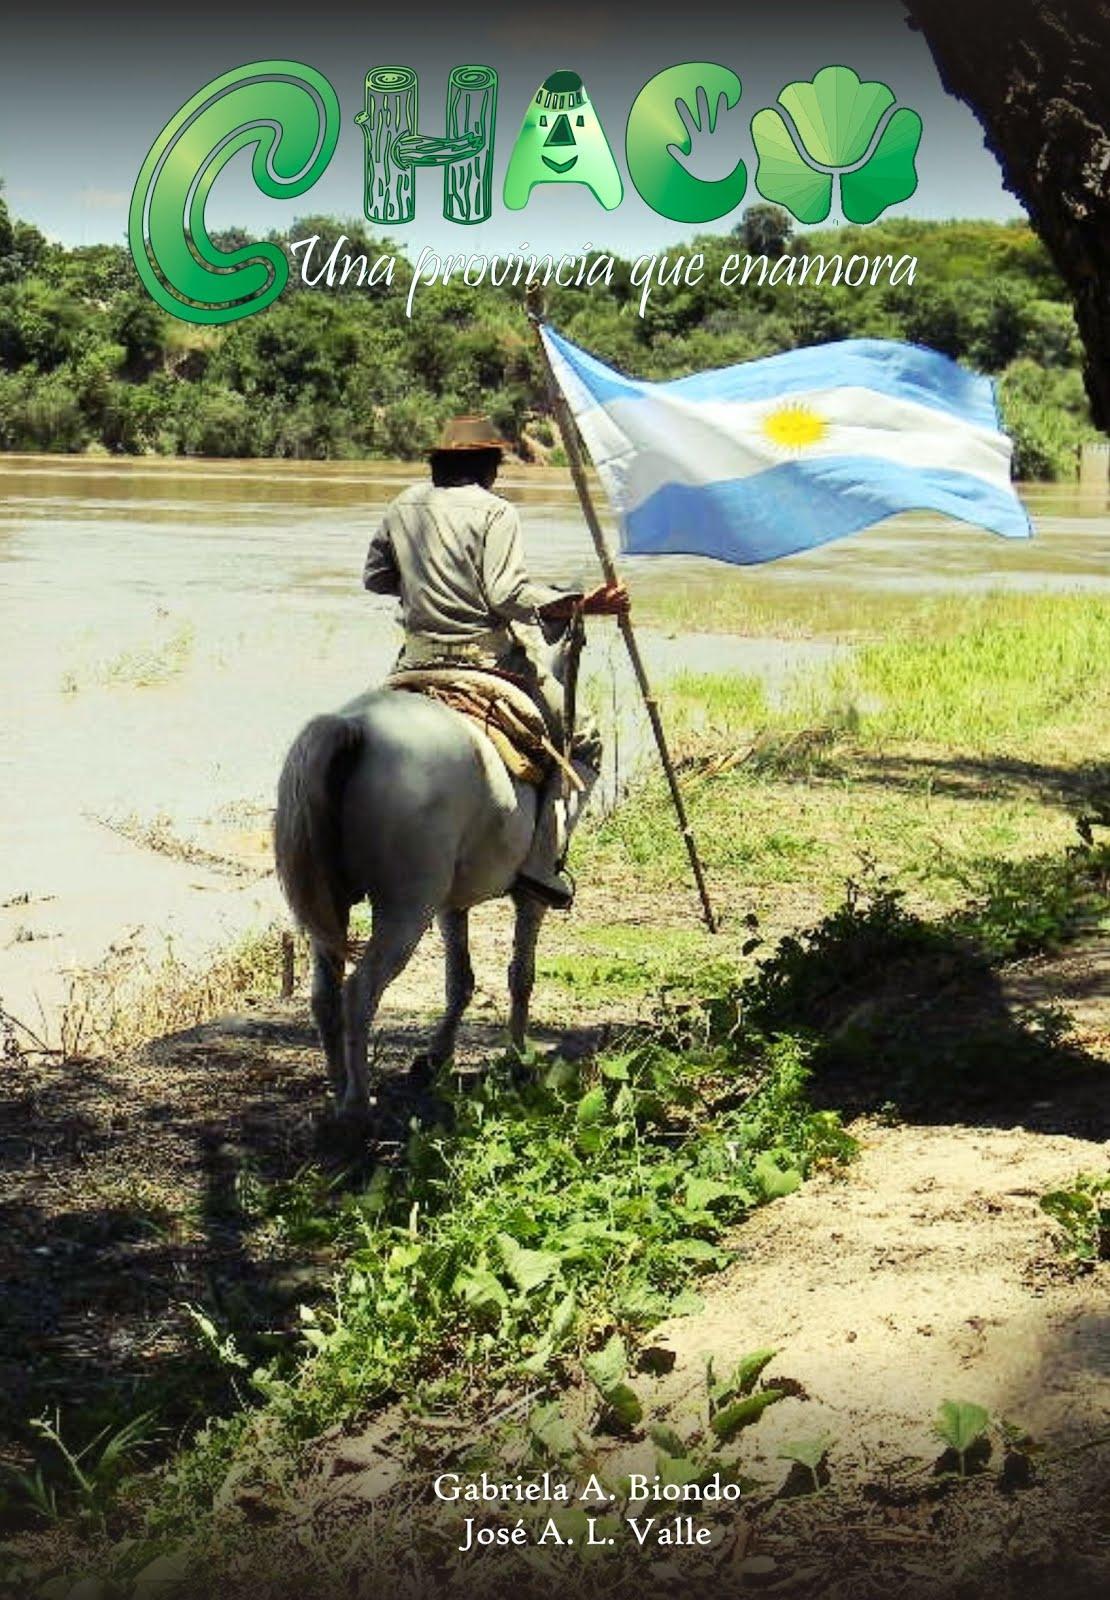 CHACO, Una provincia que enamora